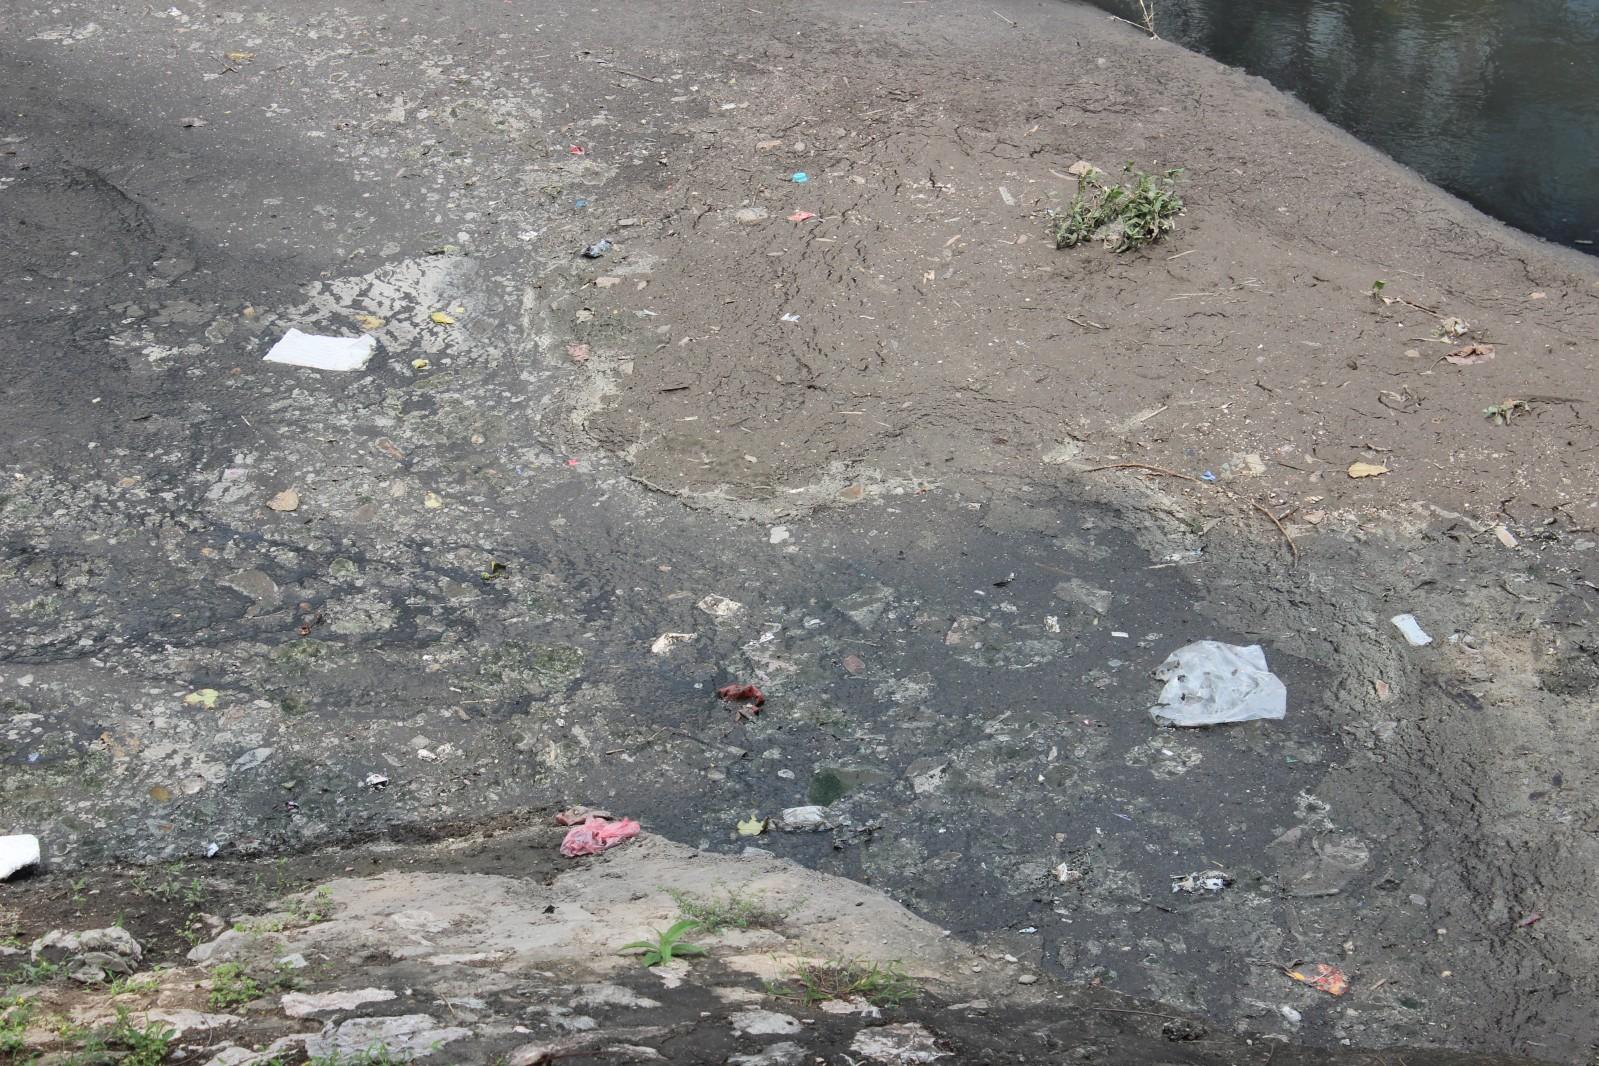 Không chỉ vốn ô nhiễm từ nguồn nước thải, nguồn nước của các cống nước thải càng ô nhiễm hơn từ rác thải của sông